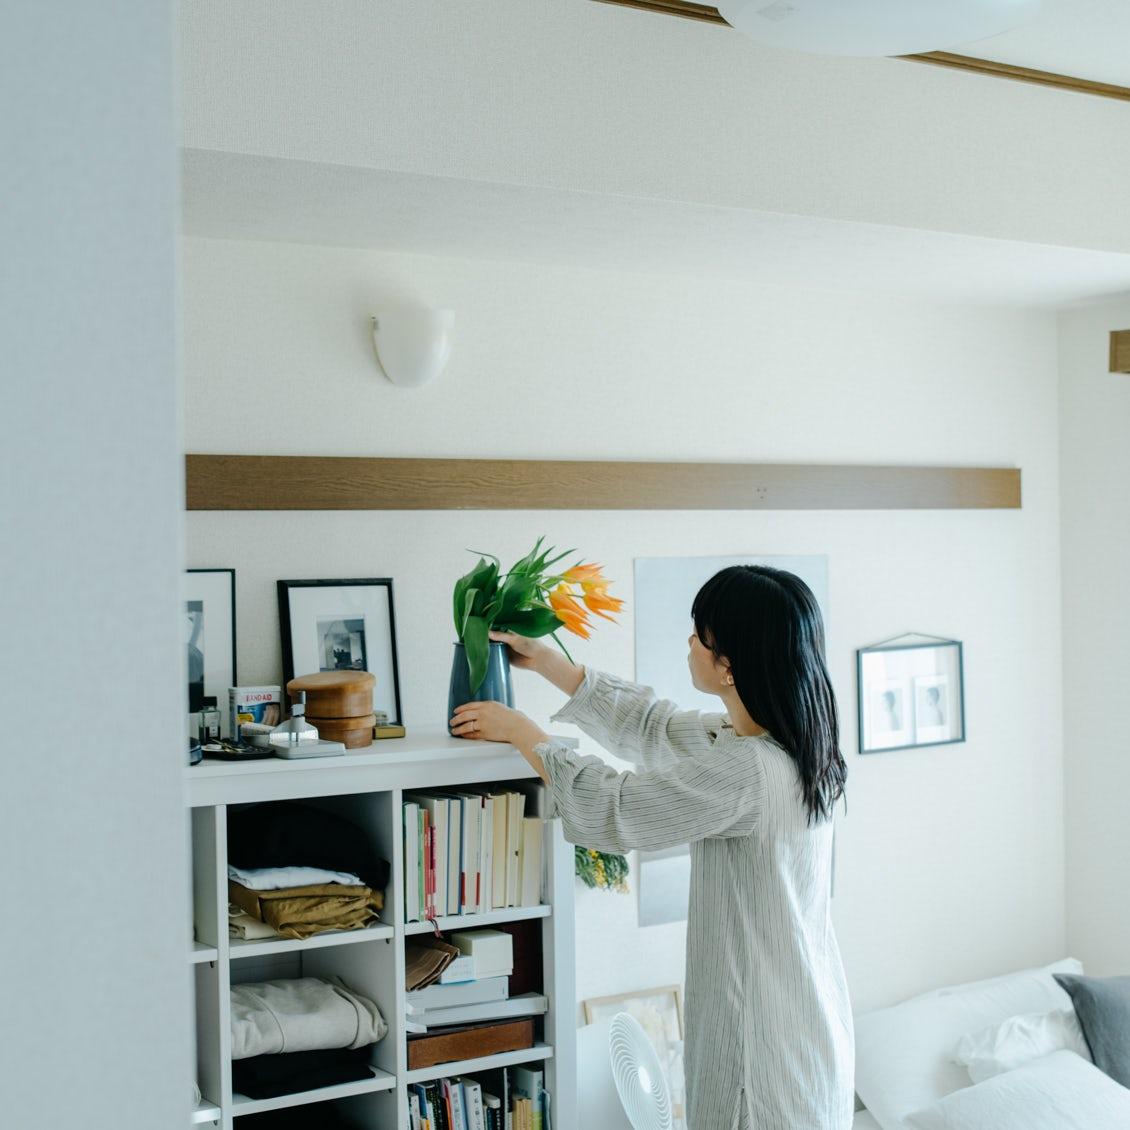 【花と暮らすを、始めたい】第3話:私が飾りたい場所は、たとえばここに